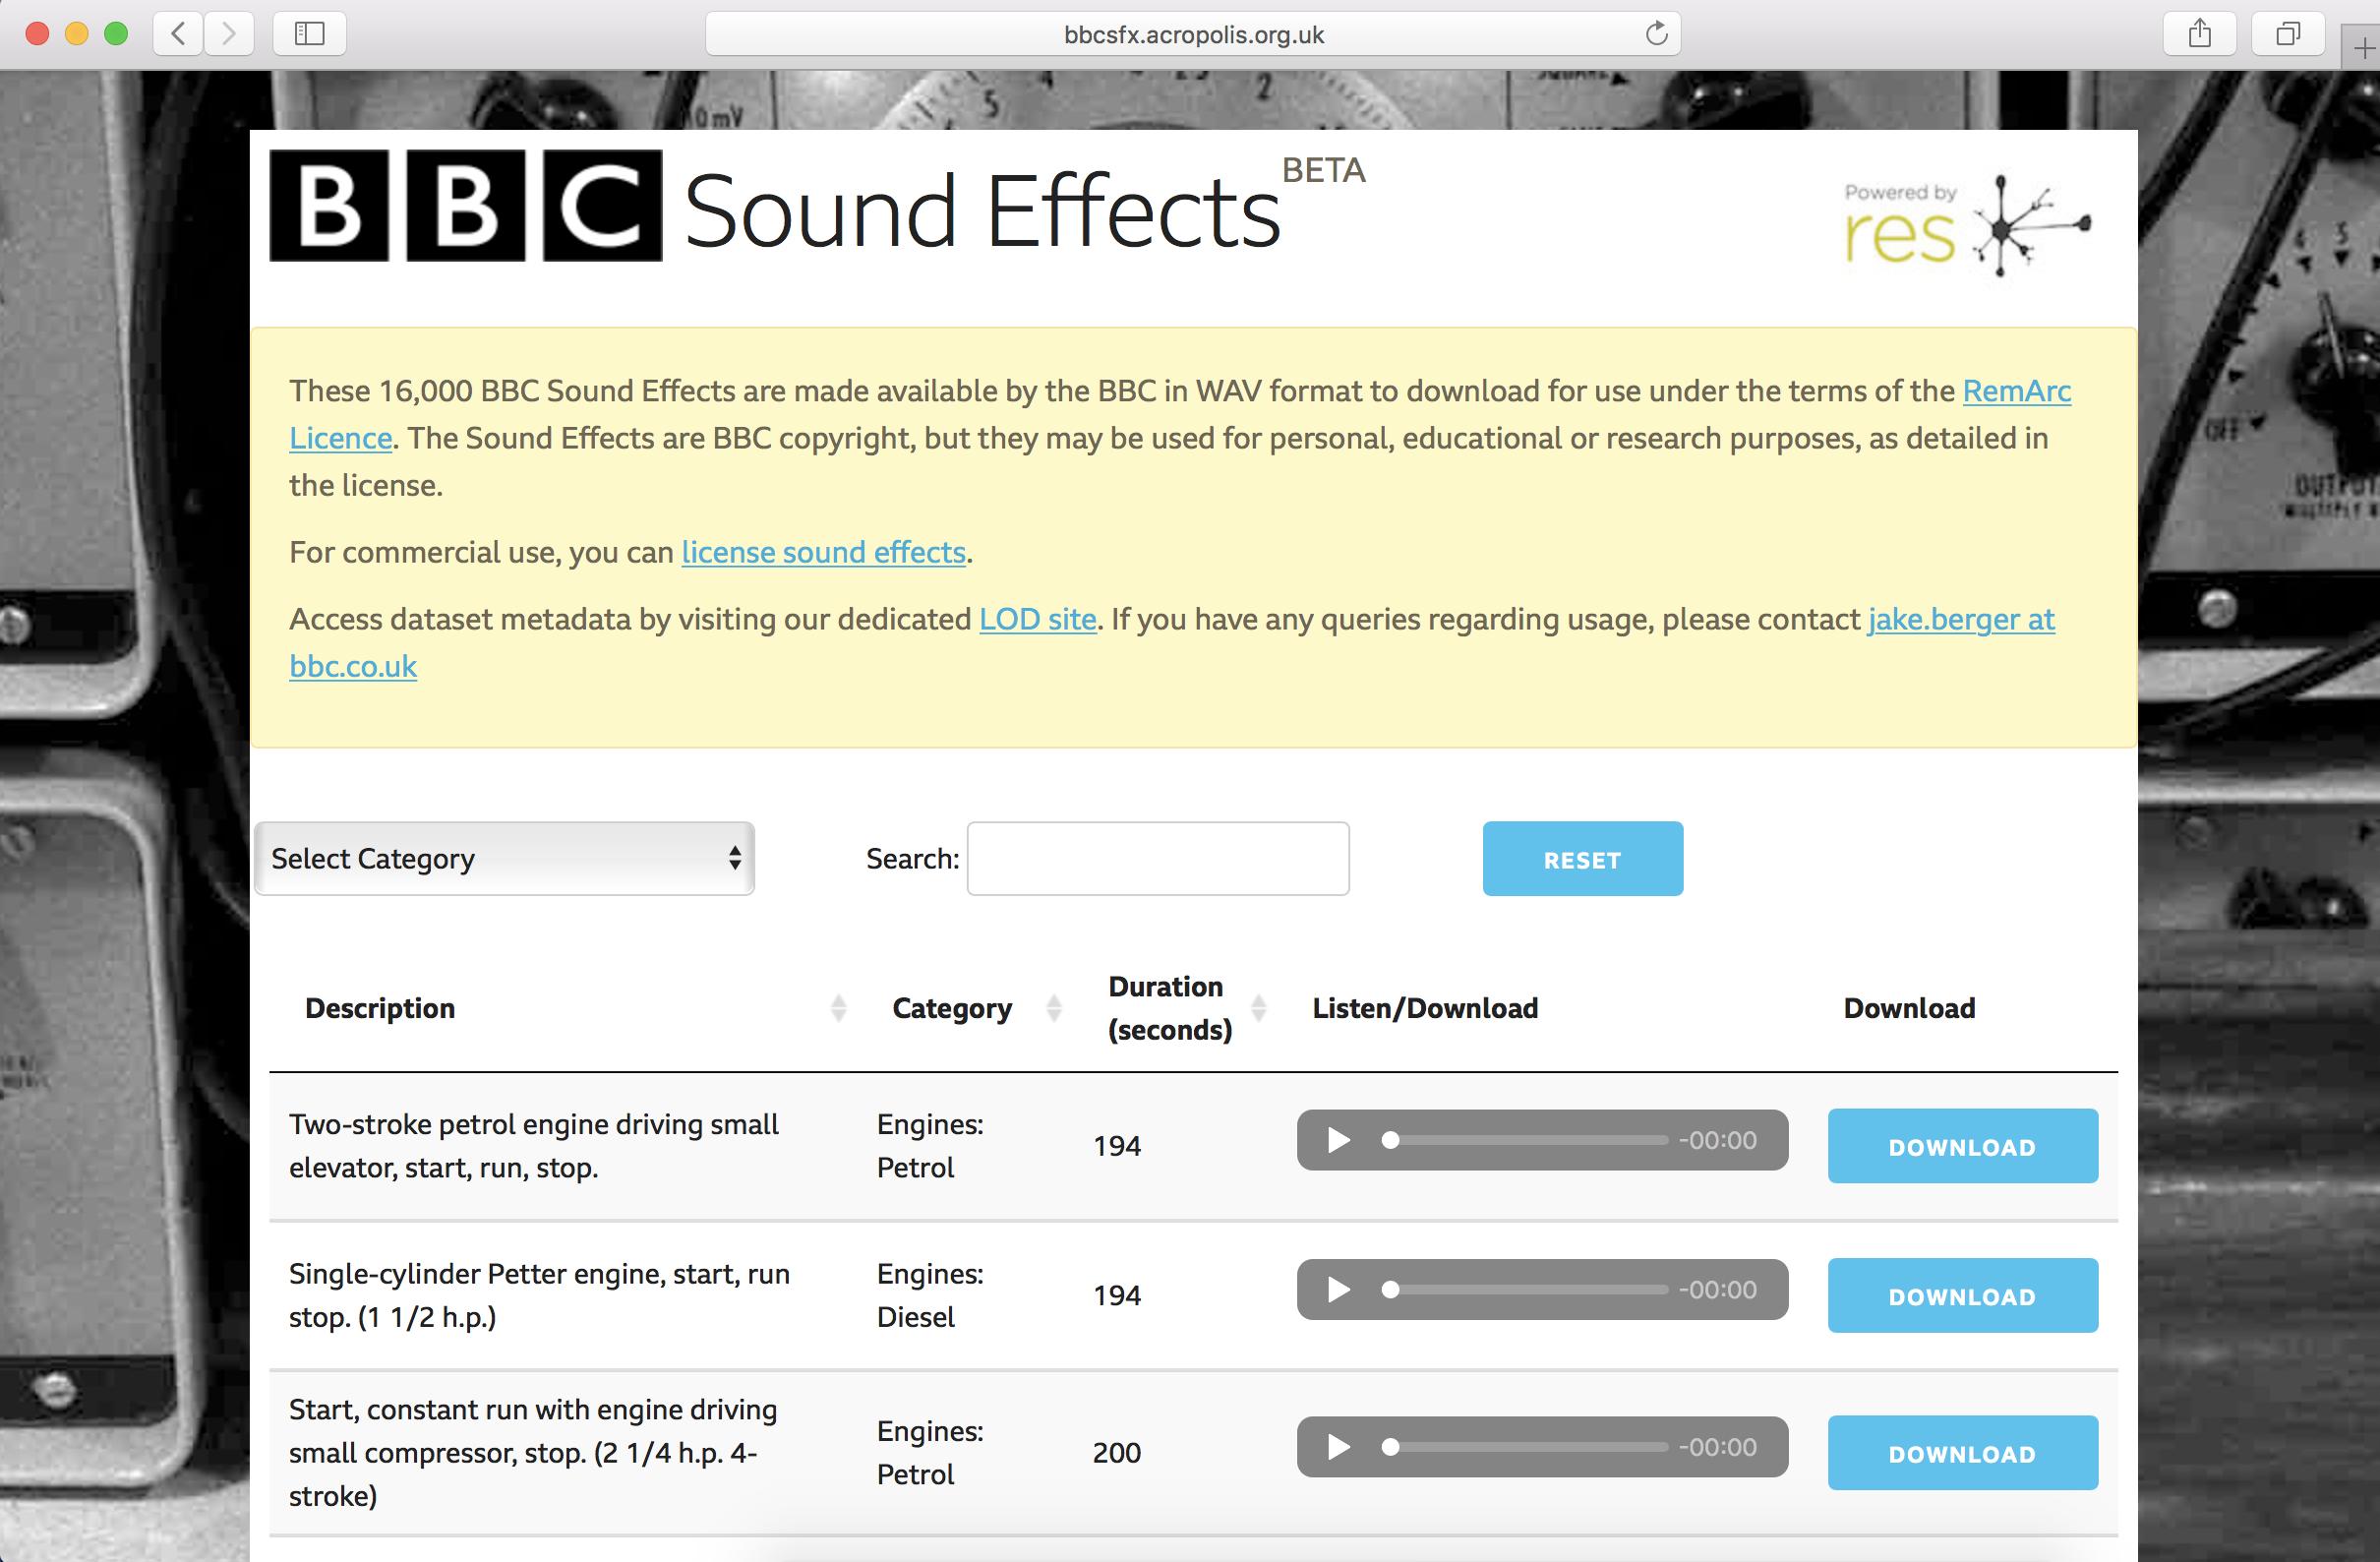 bbc, bbc library, soyund effects, libreria de sonidos, libreria gratuita, libreria gratuita de sonidos, tan grande y jugando